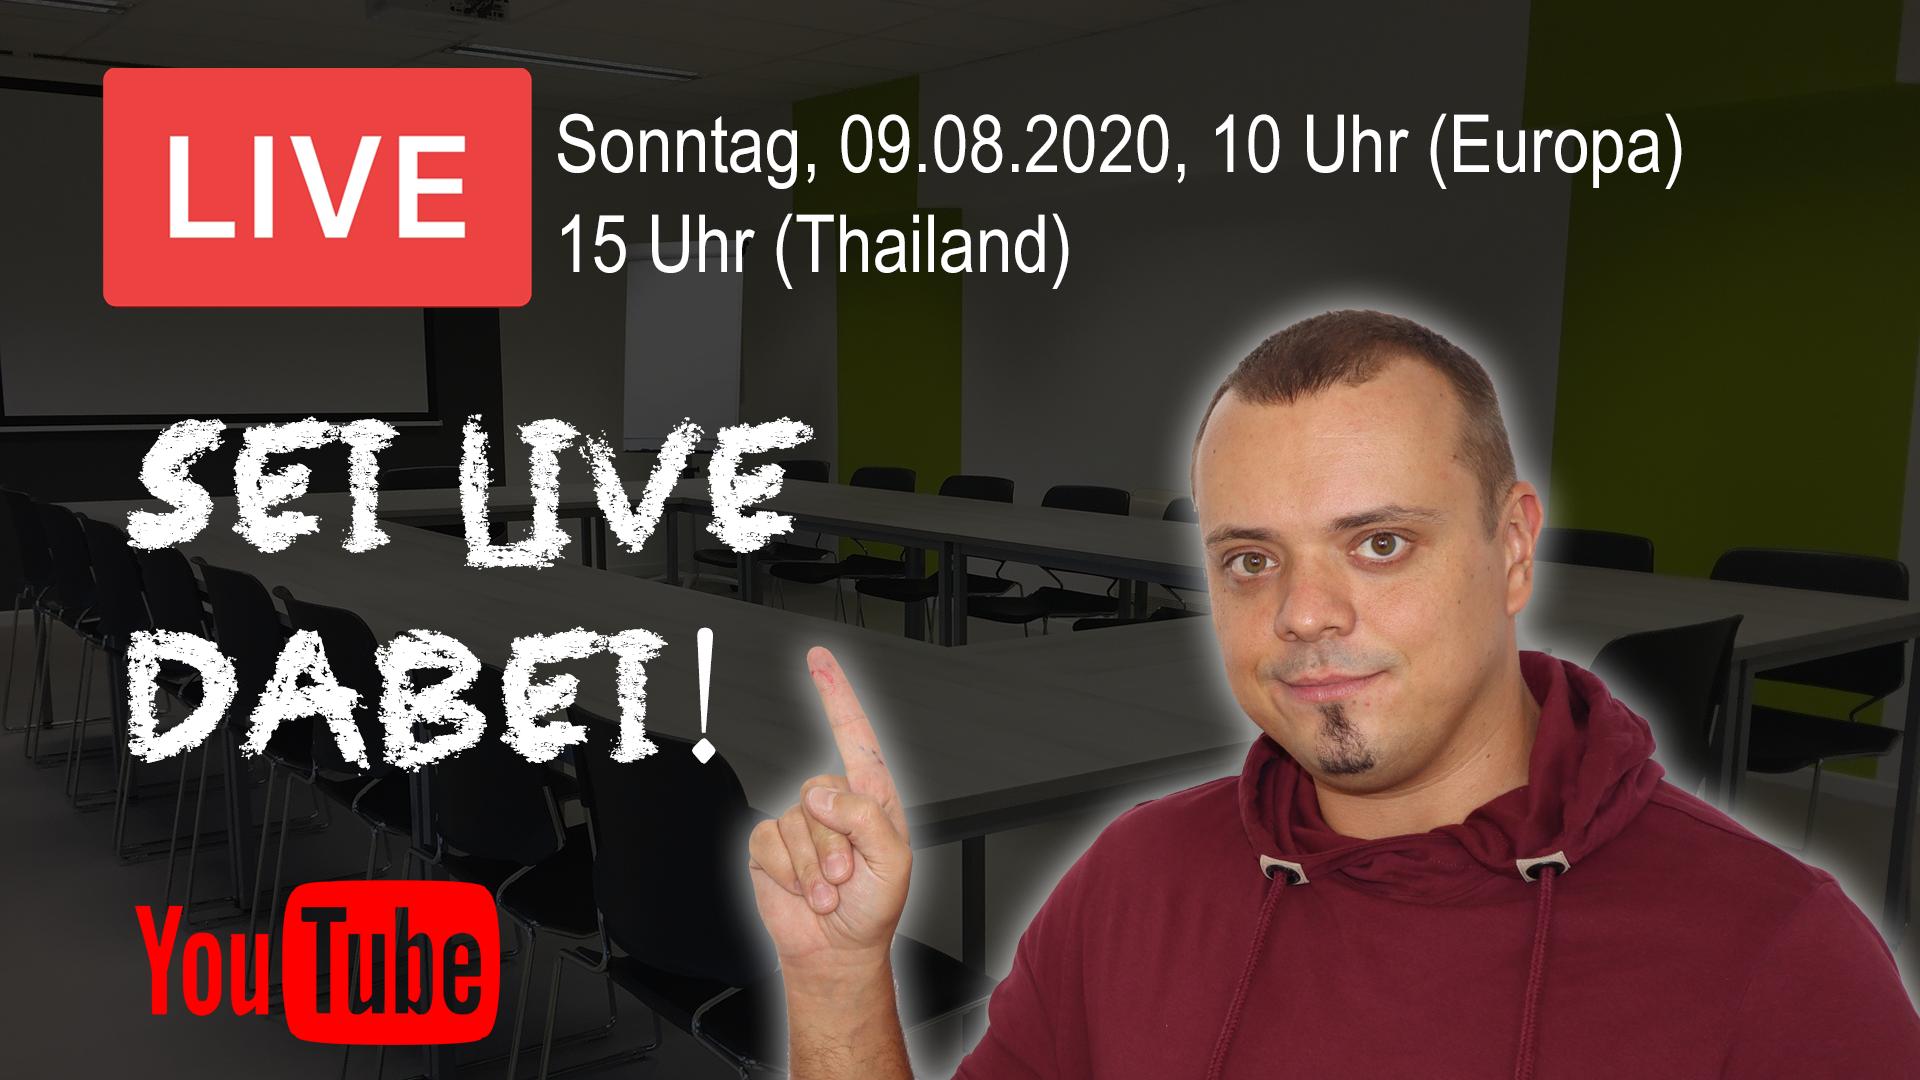 Livestream 15